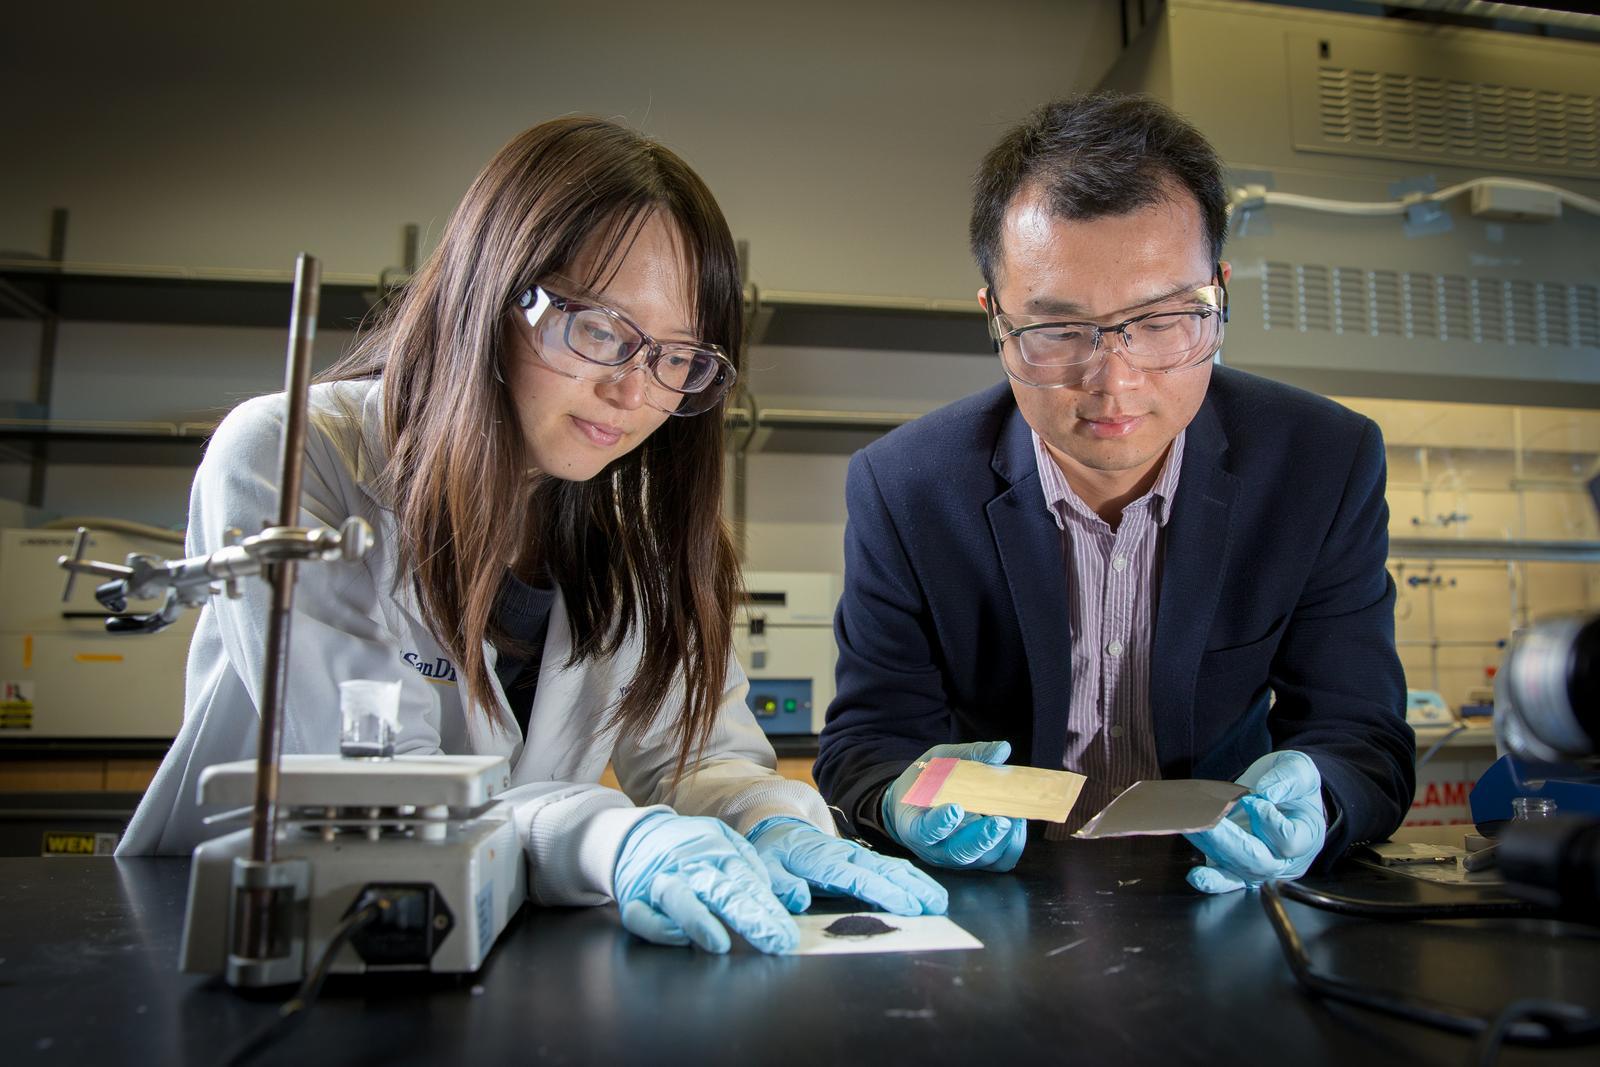 Yang Shi and Zheng Chen of UC San Diego